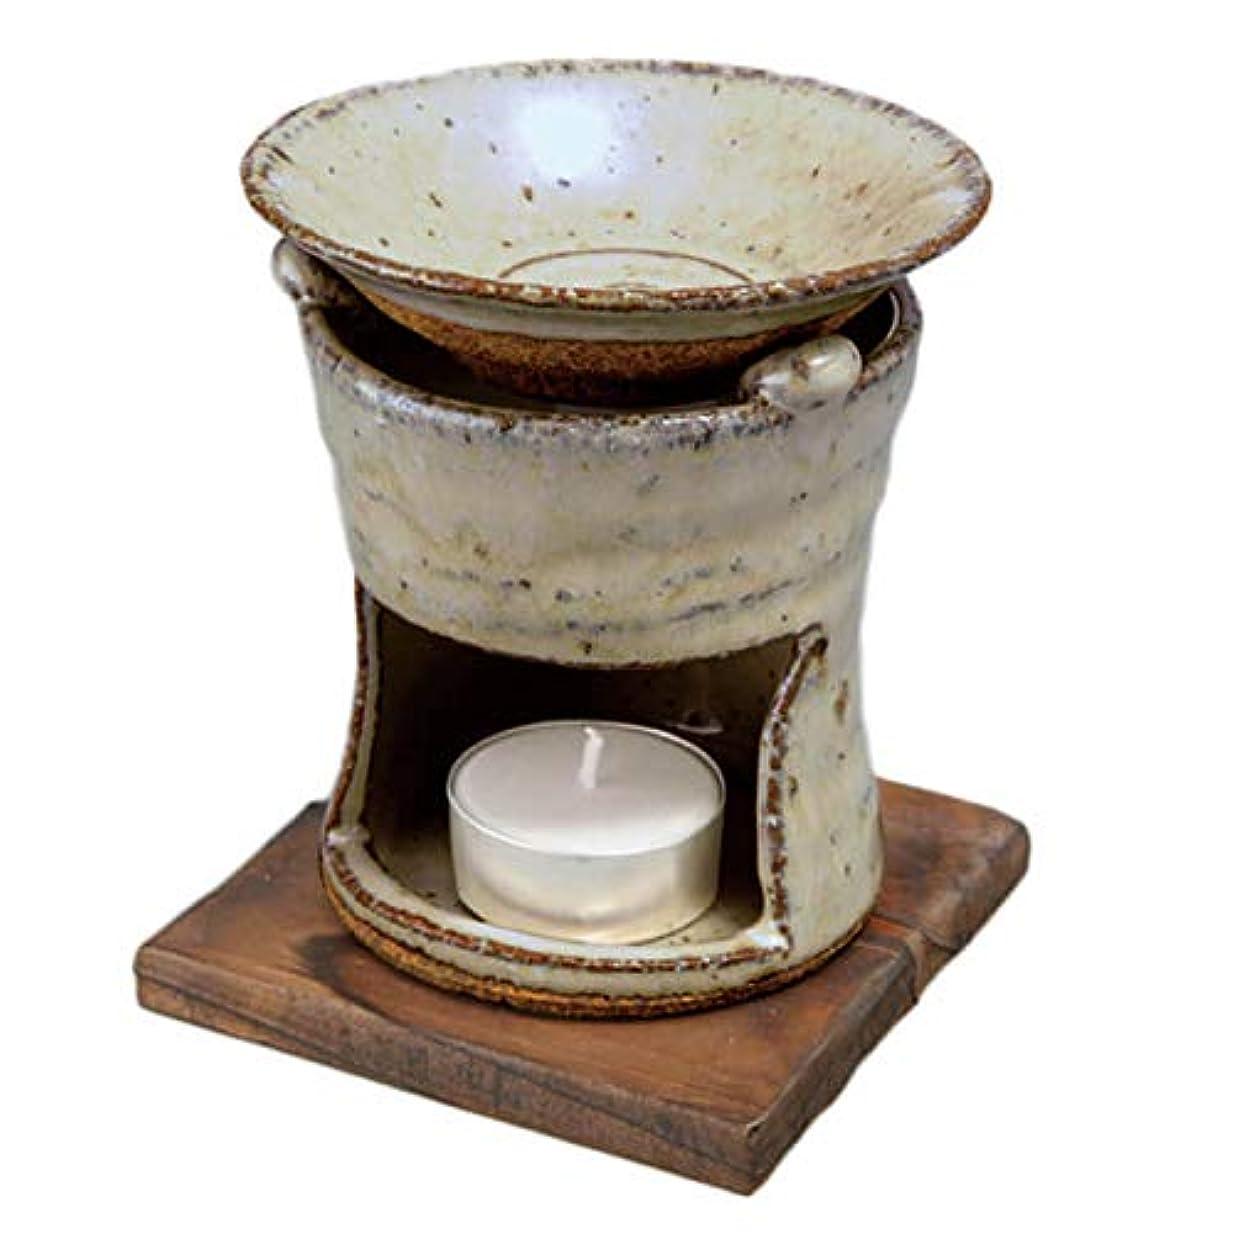 くるくるドラッグステンレス手造り 茶香炉/茶香炉 伊良保/アロマ 癒やし リラックス インテリア 間接照明